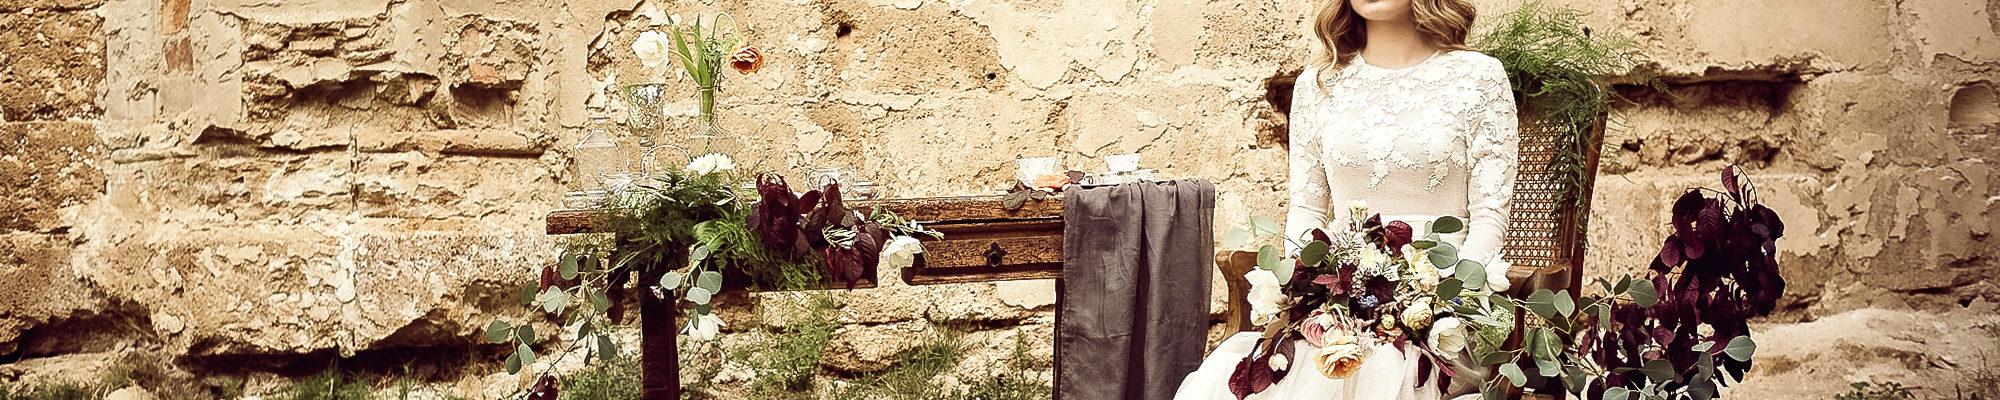 editorial-elbalcondealicia-revista-de-novias-coronas-repostería-blog-de-bodas04